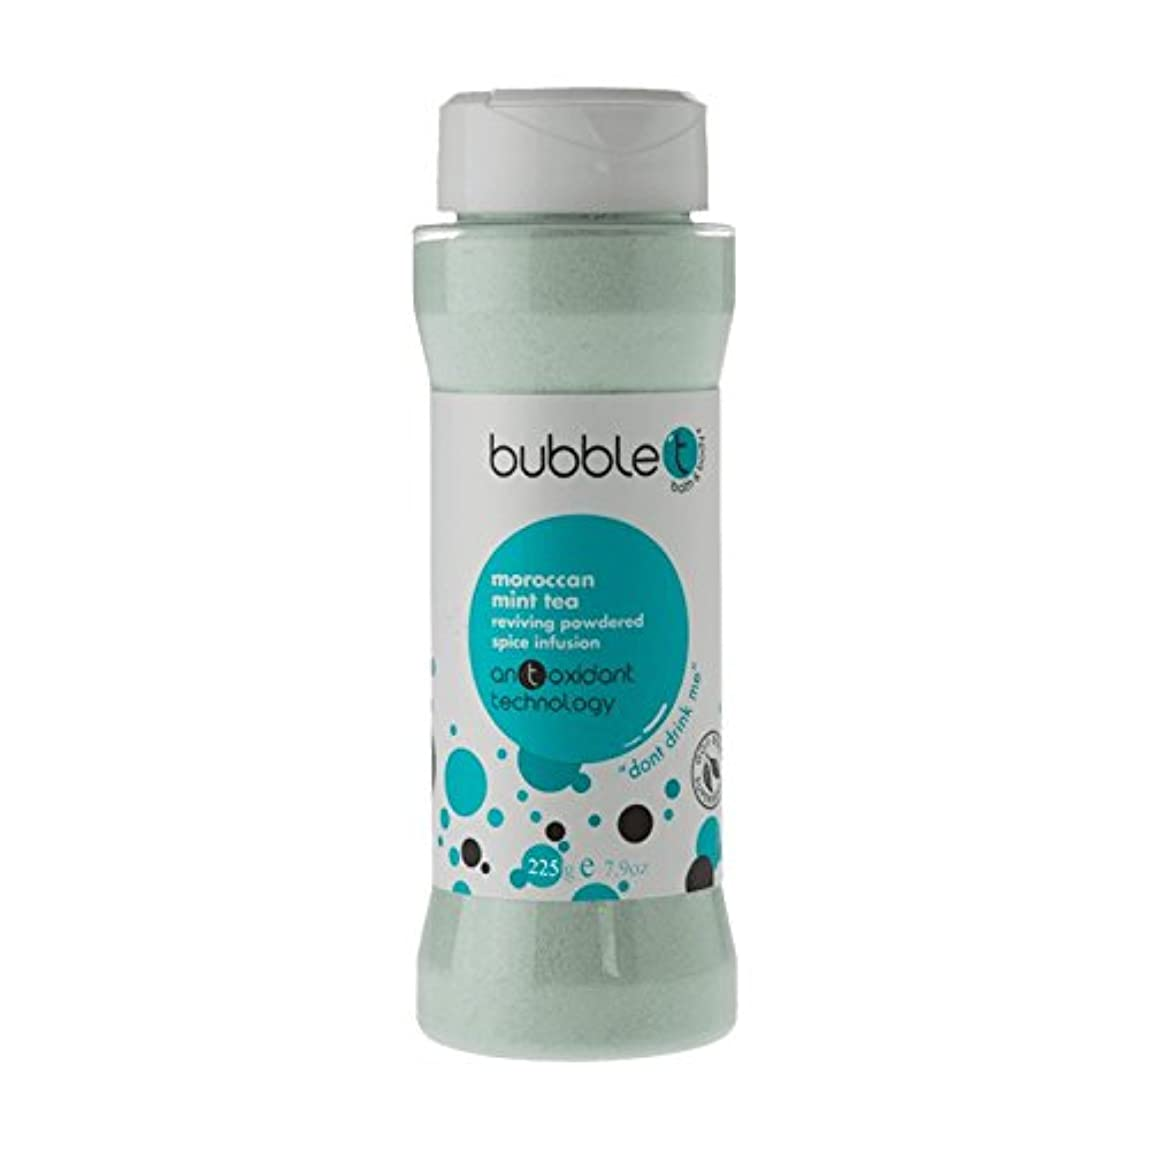 ソース上院ギャロップBubble T Bath Spice Infusion Morrocan Mint Tea 225g (Pack of 2) - バブルトン風呂スパイス注入モロッコのミントティー225グラム (x2) [並行輸入品]